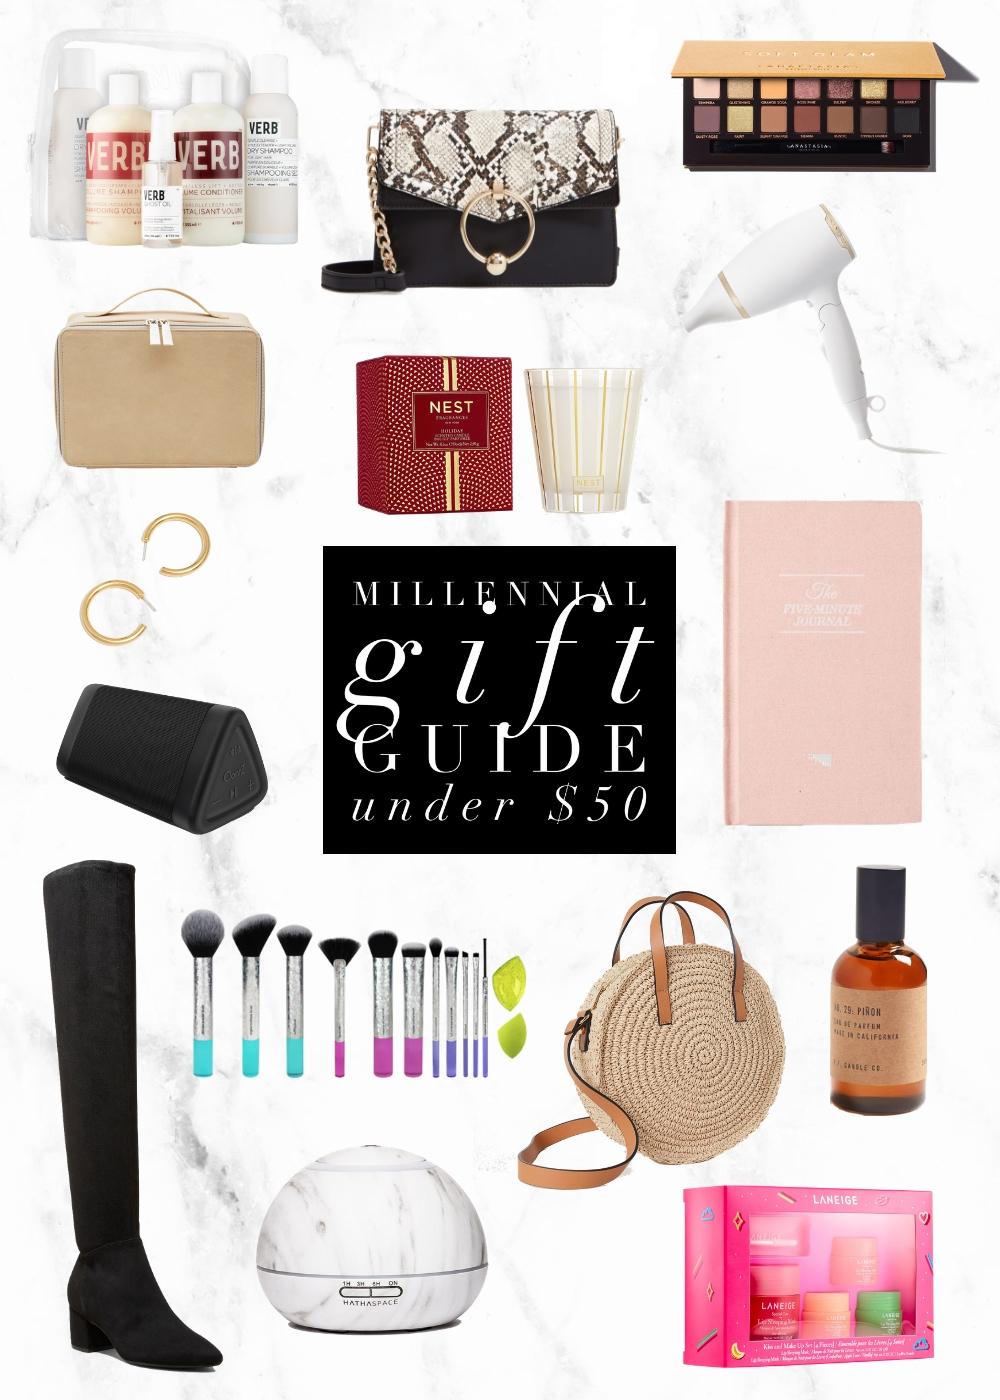 Millennial Gift Guide | Under $50